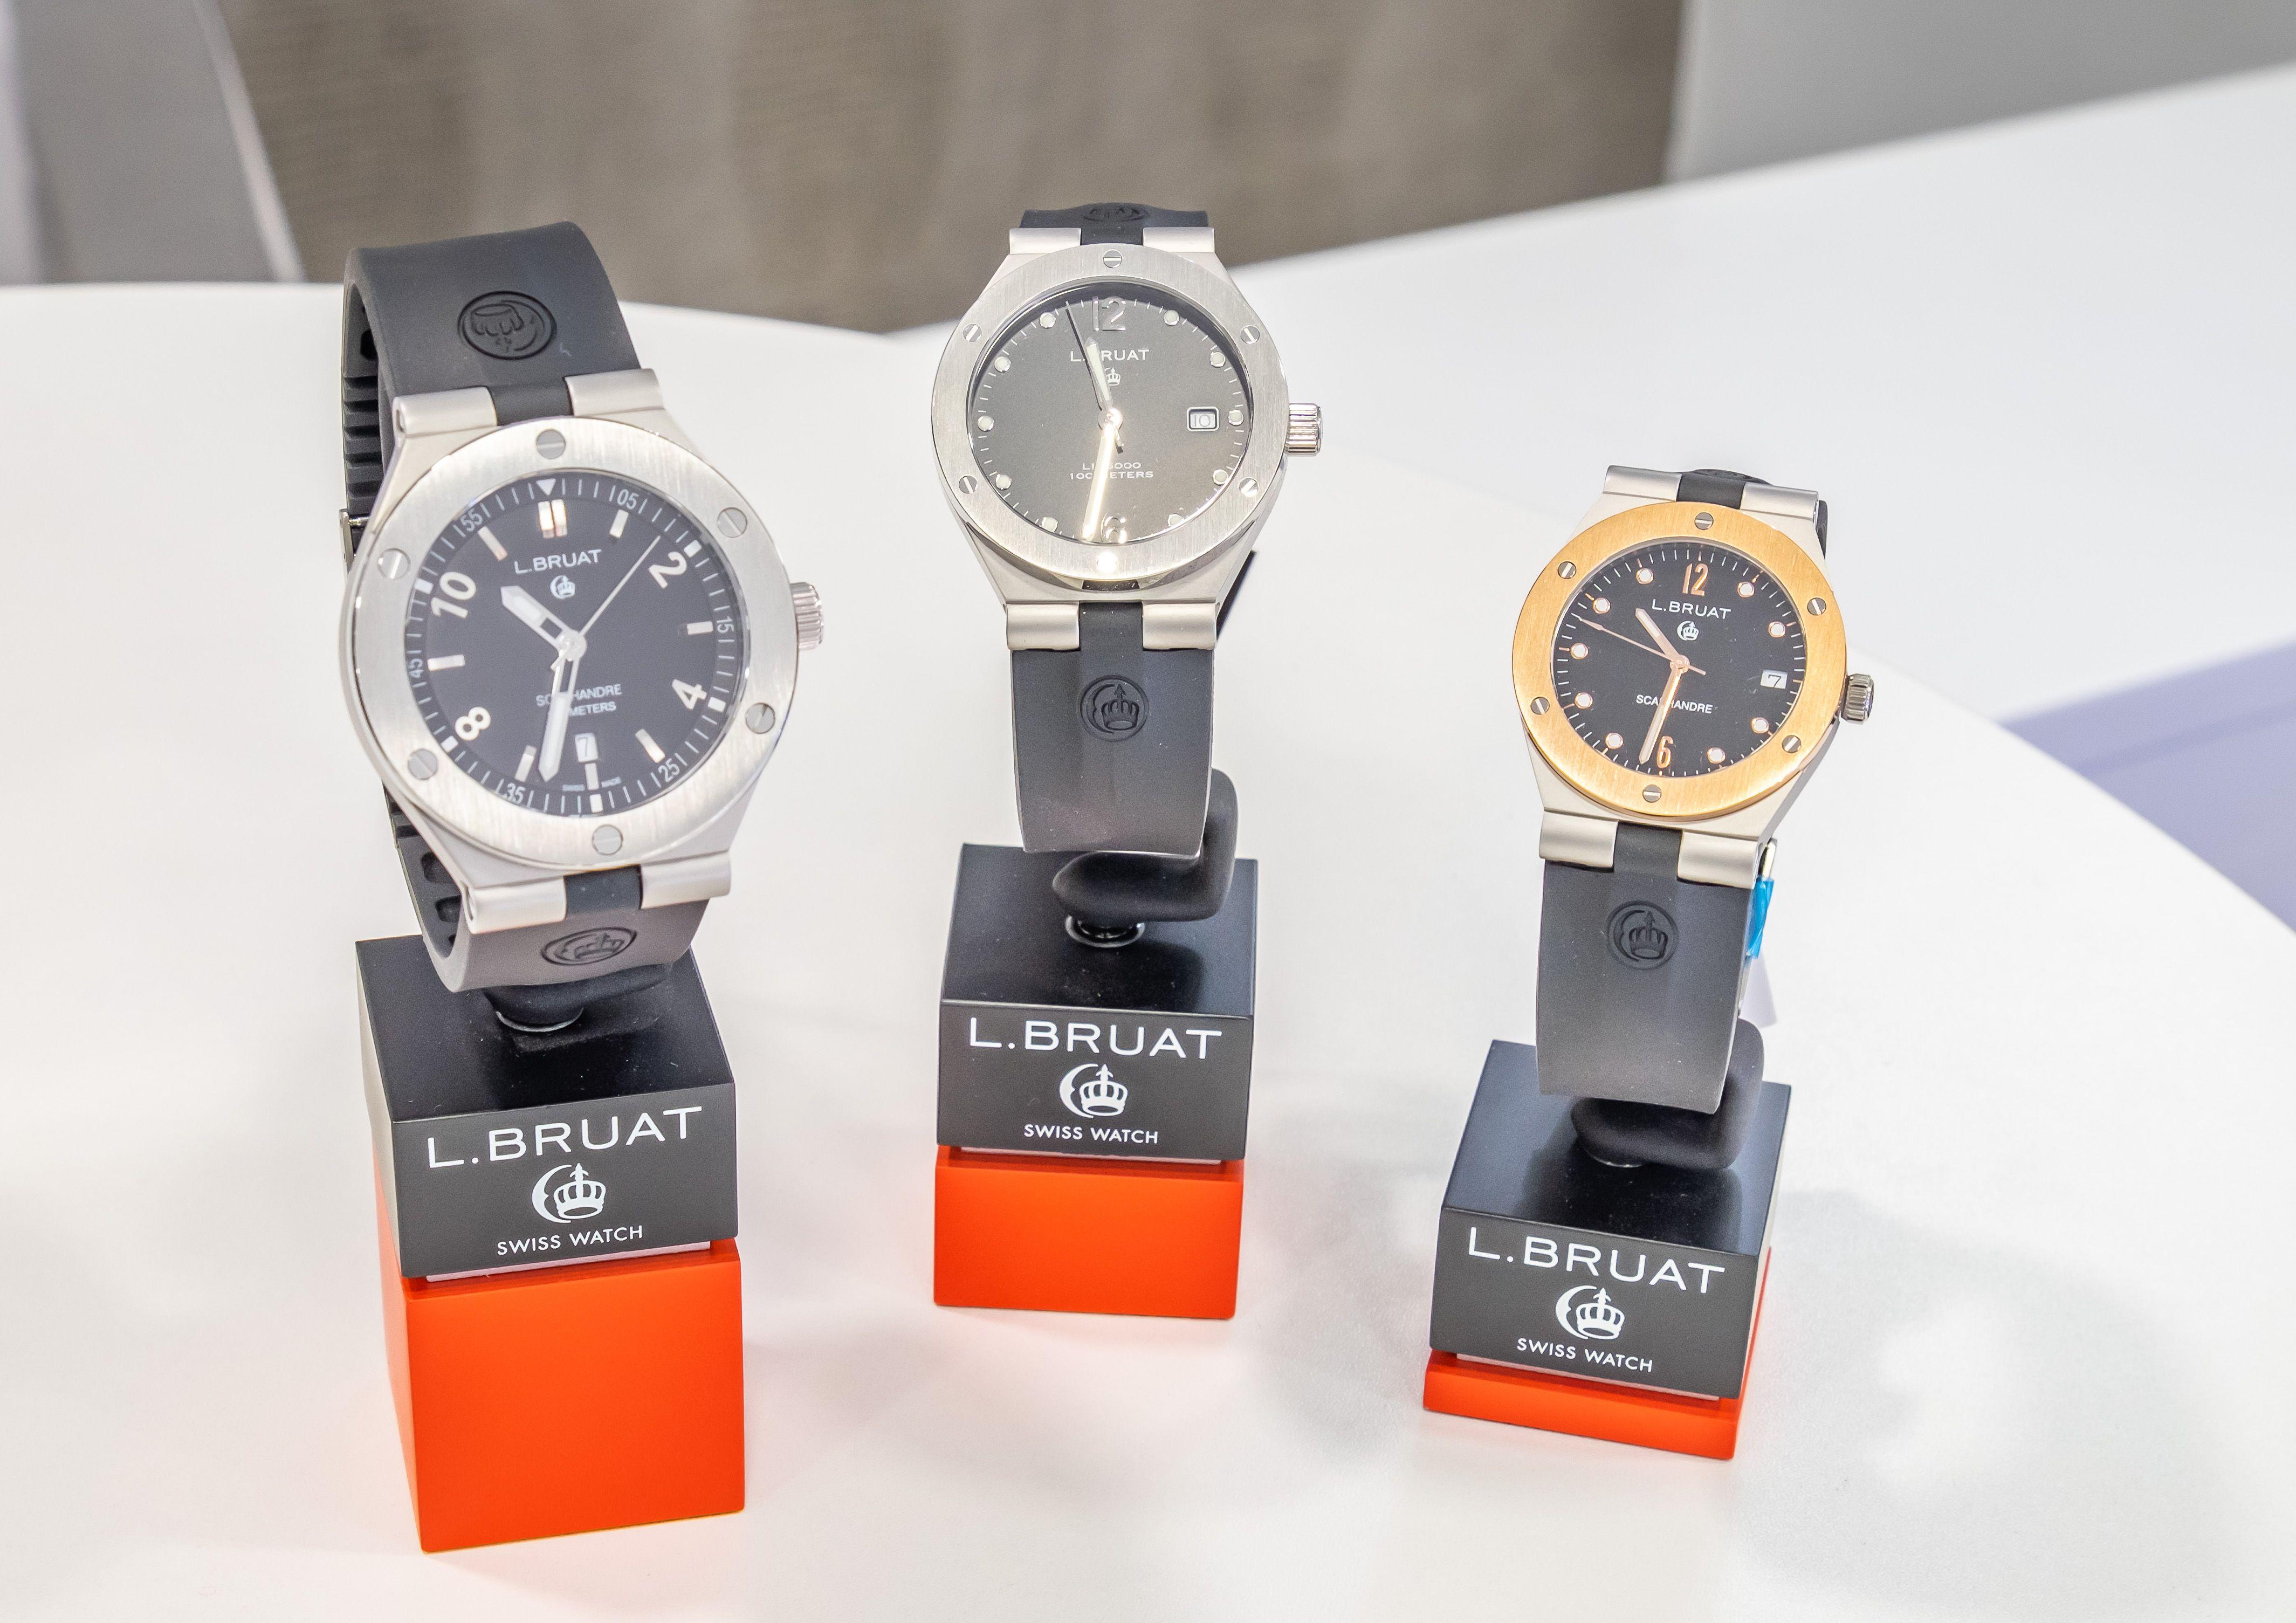 Relojes de hombre en Hospitalet de Llobregat